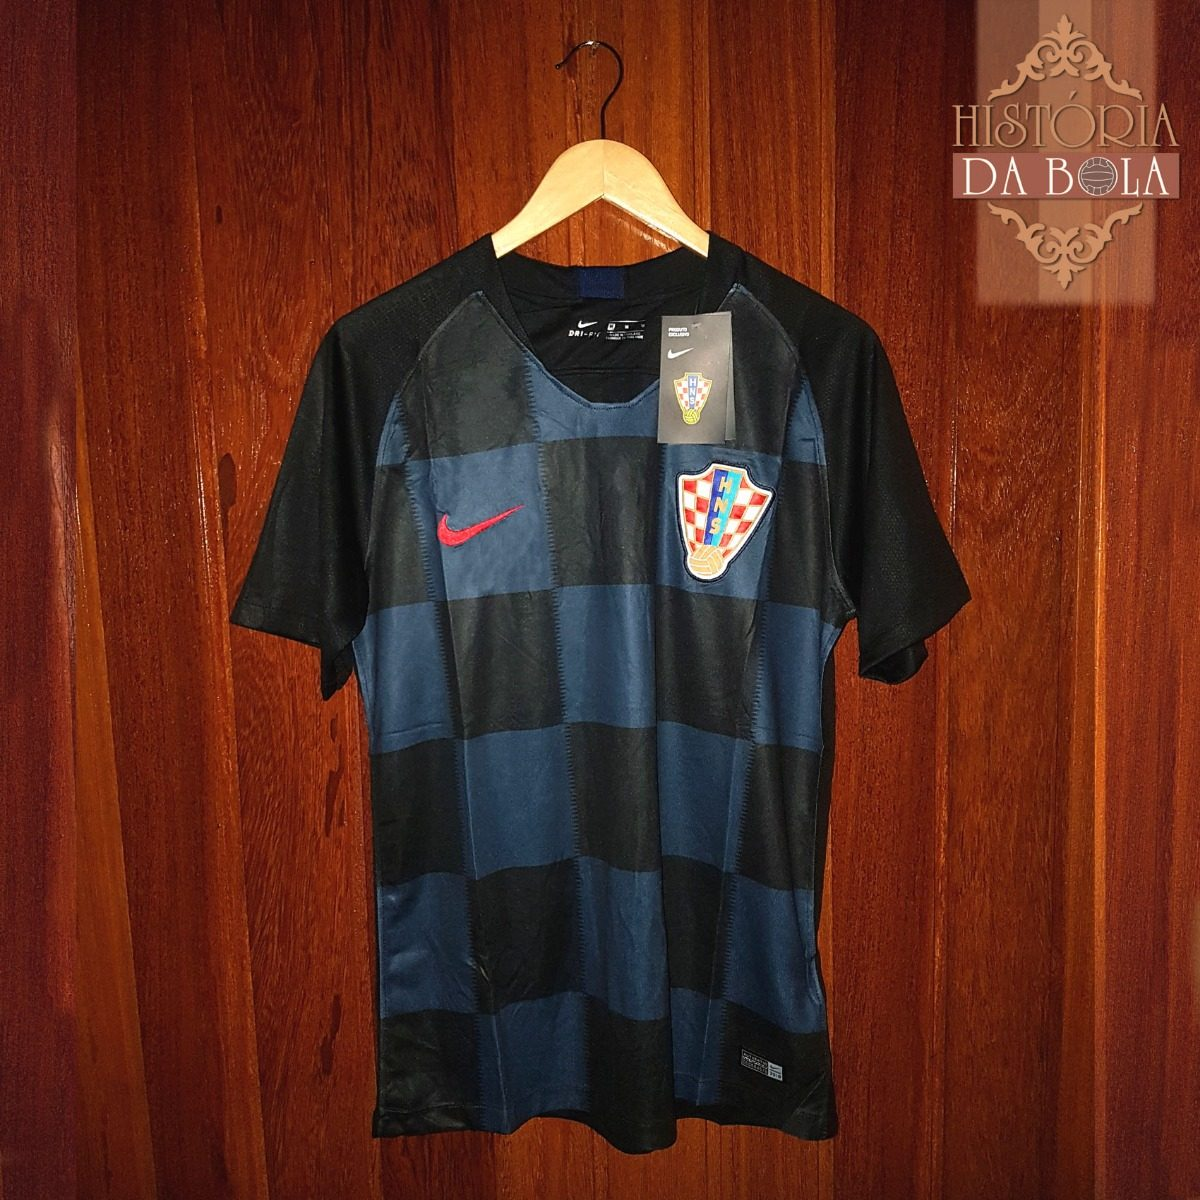 camisa nike croácia 2018 copa do mundo oficial pronta entreg. Carregando  zoom. 0da1debc4a9e7